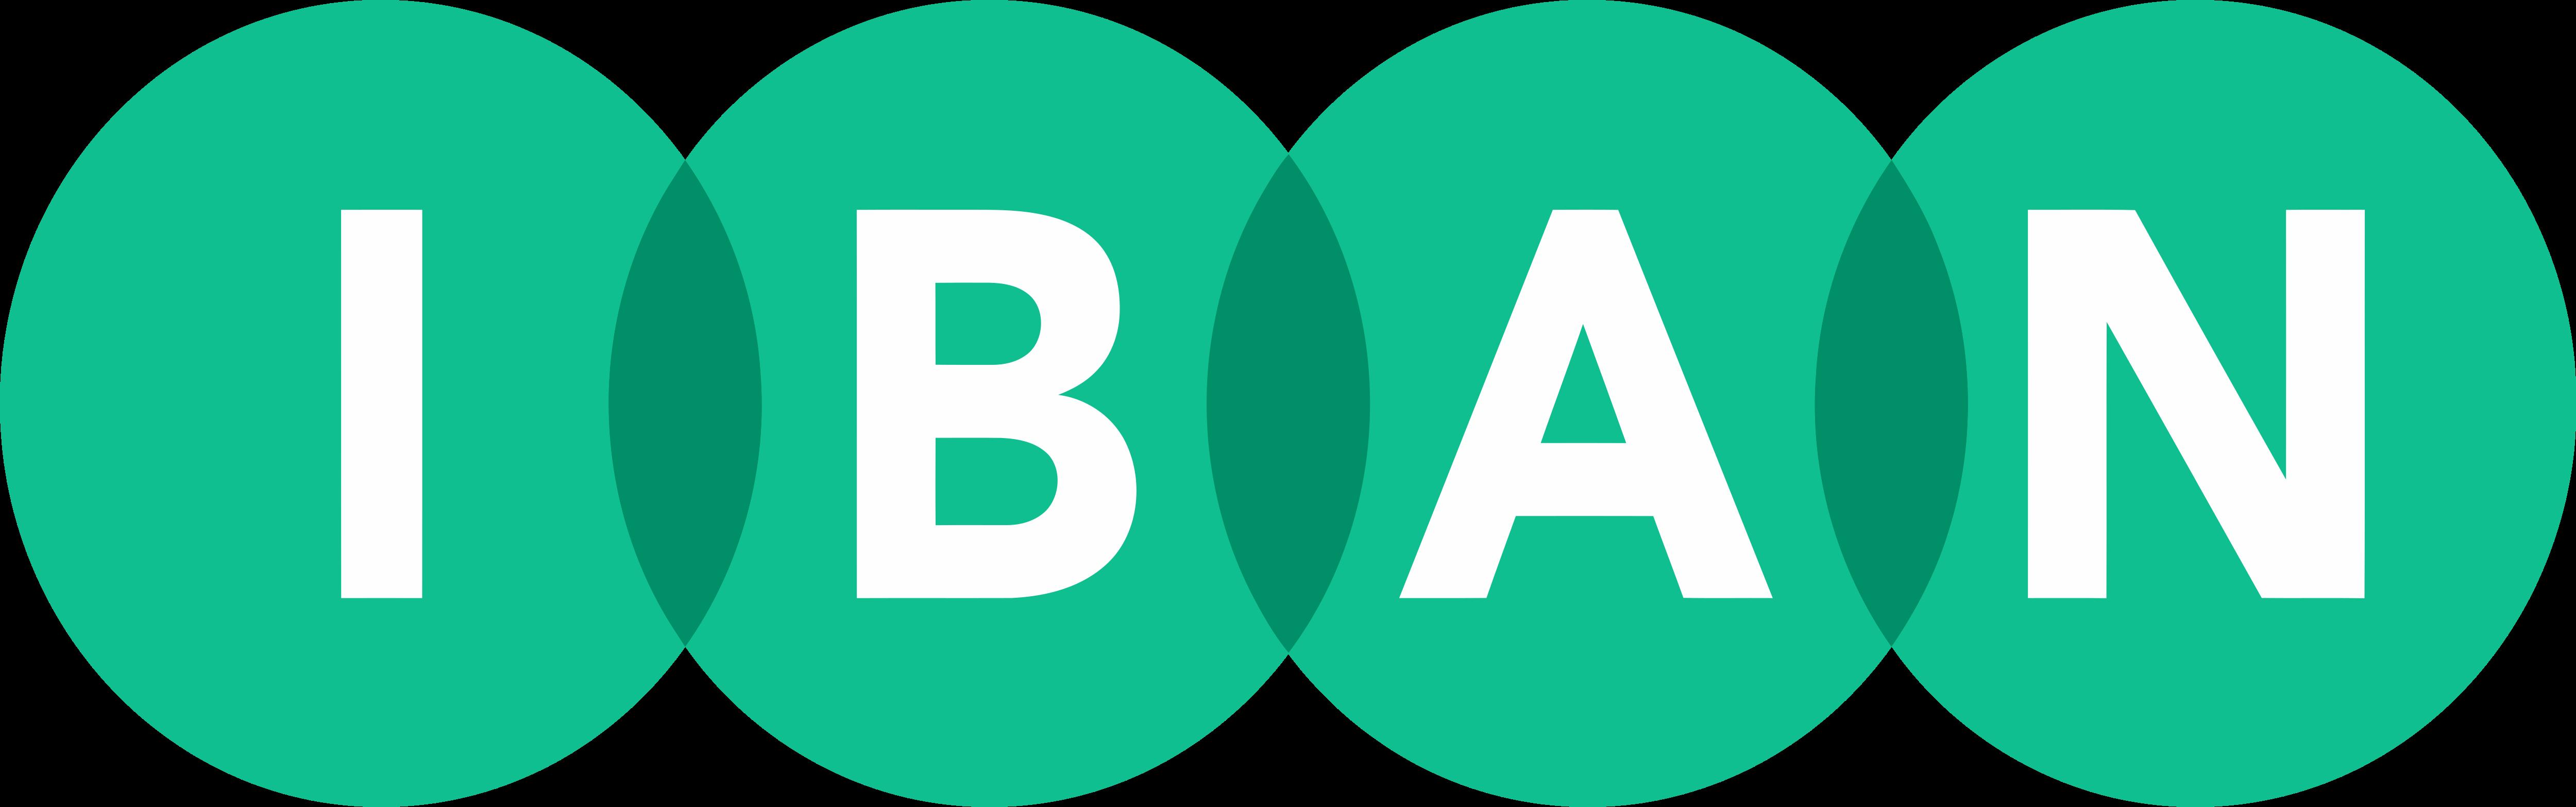 Картинки по запросу logo iban